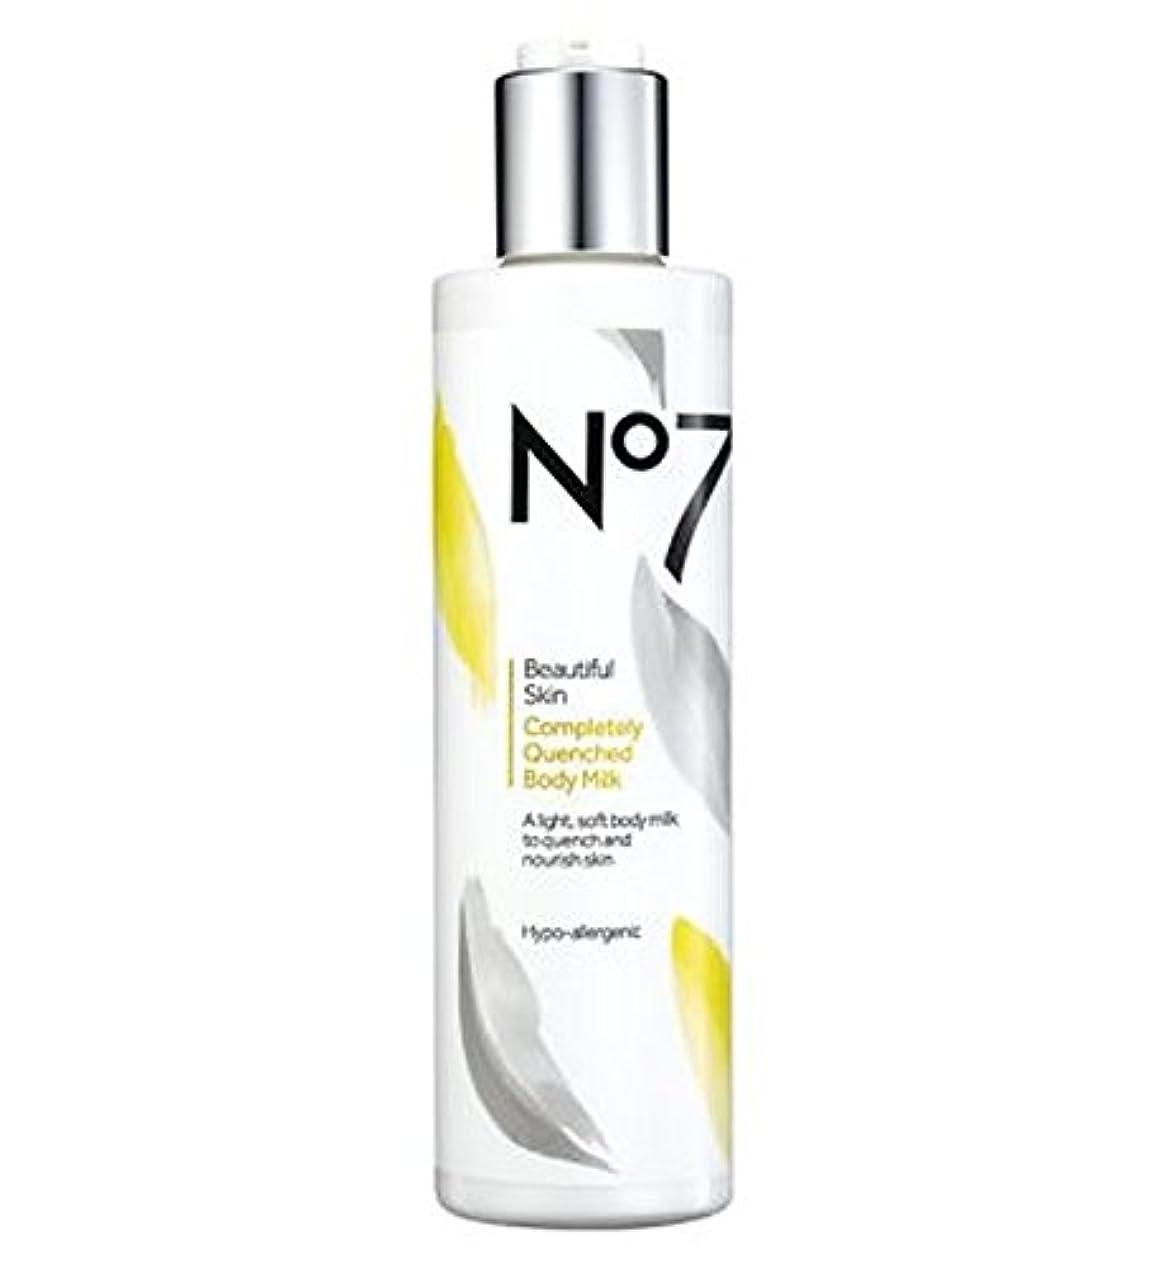 難しい入場酸化物No7 Beautiful Skin Completely Quenched Body Milk - No7美しい肌完全に急冷ボディミルク (No7) [並行輸入品]